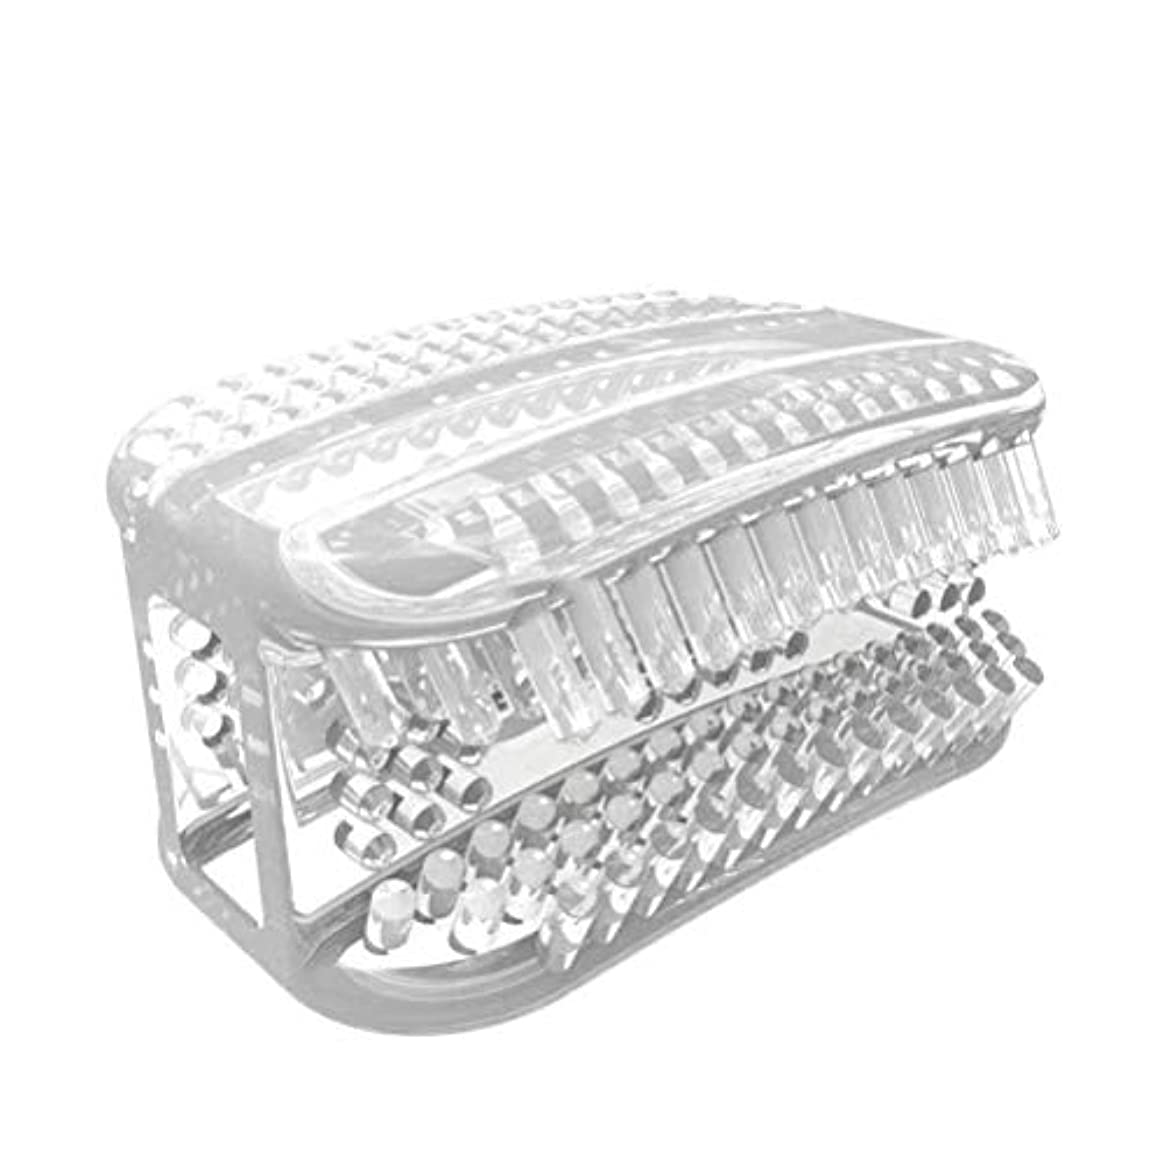 下にくマーチャンダイザーSUPVOX シリコン歯ブラシポータブル怠惰な人360°全周咀嚼歯ブラシ歯のクリーニングツール手動歯ブラシ(透明ホワイト)